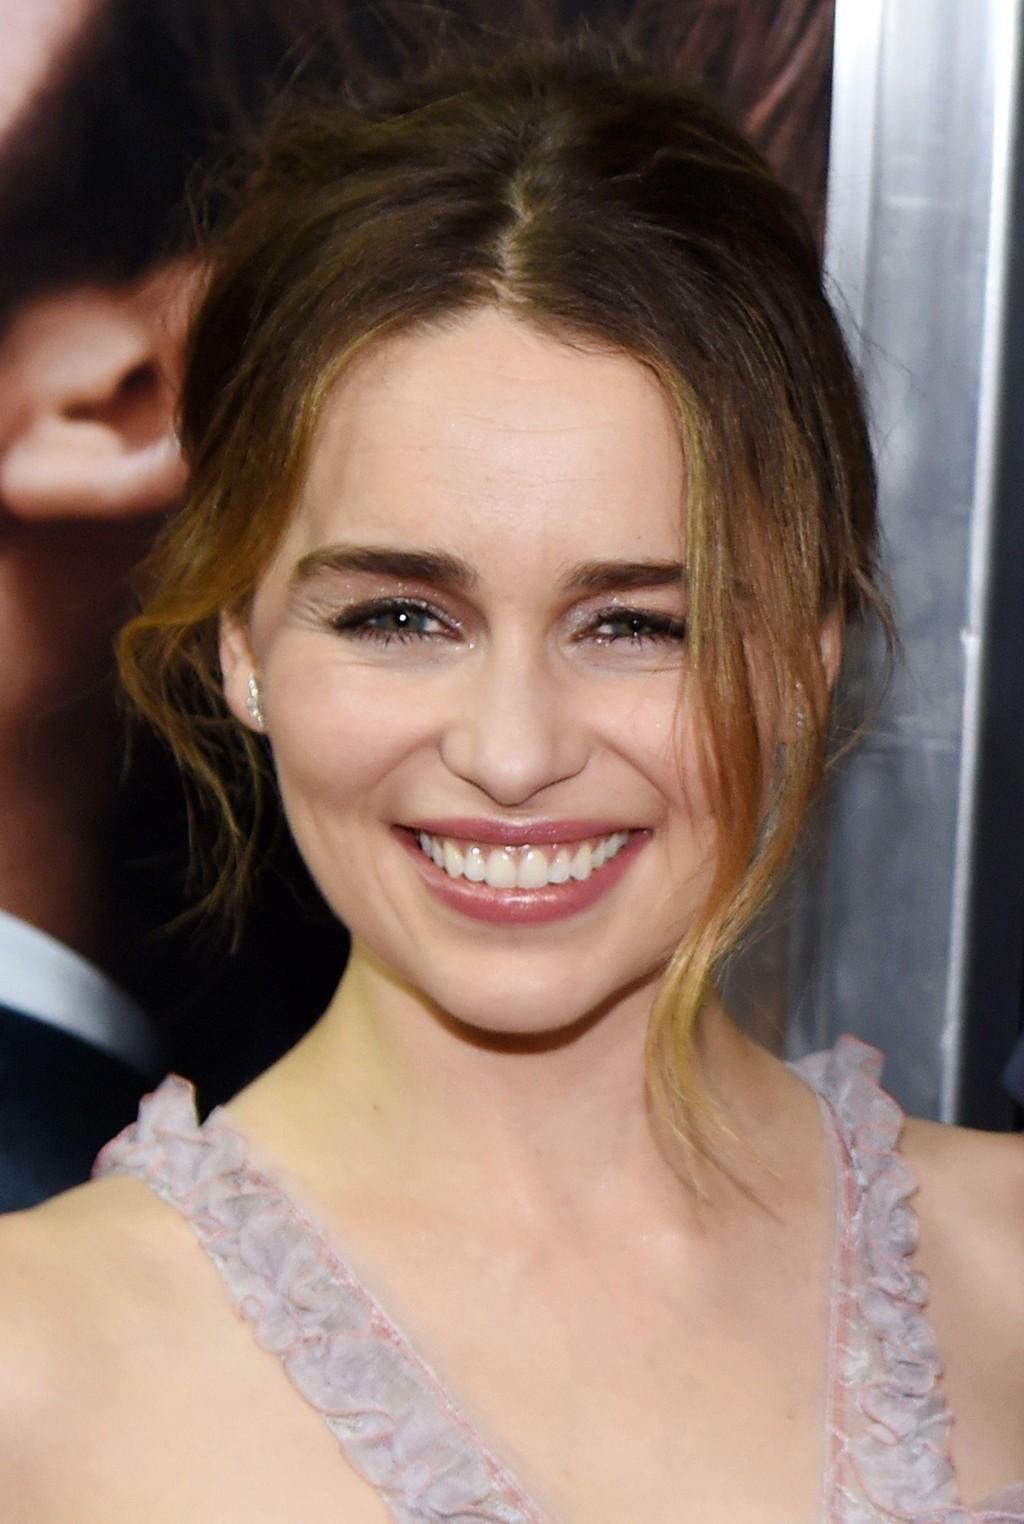 Emilia Clarke slik vi er vant til å se henne - med brunt hår. Nå har hun imidlertid akkurat blitt blondine, i likhet med karakteren Daenerys Targaryen, som hun har blitt verdenskjent for.